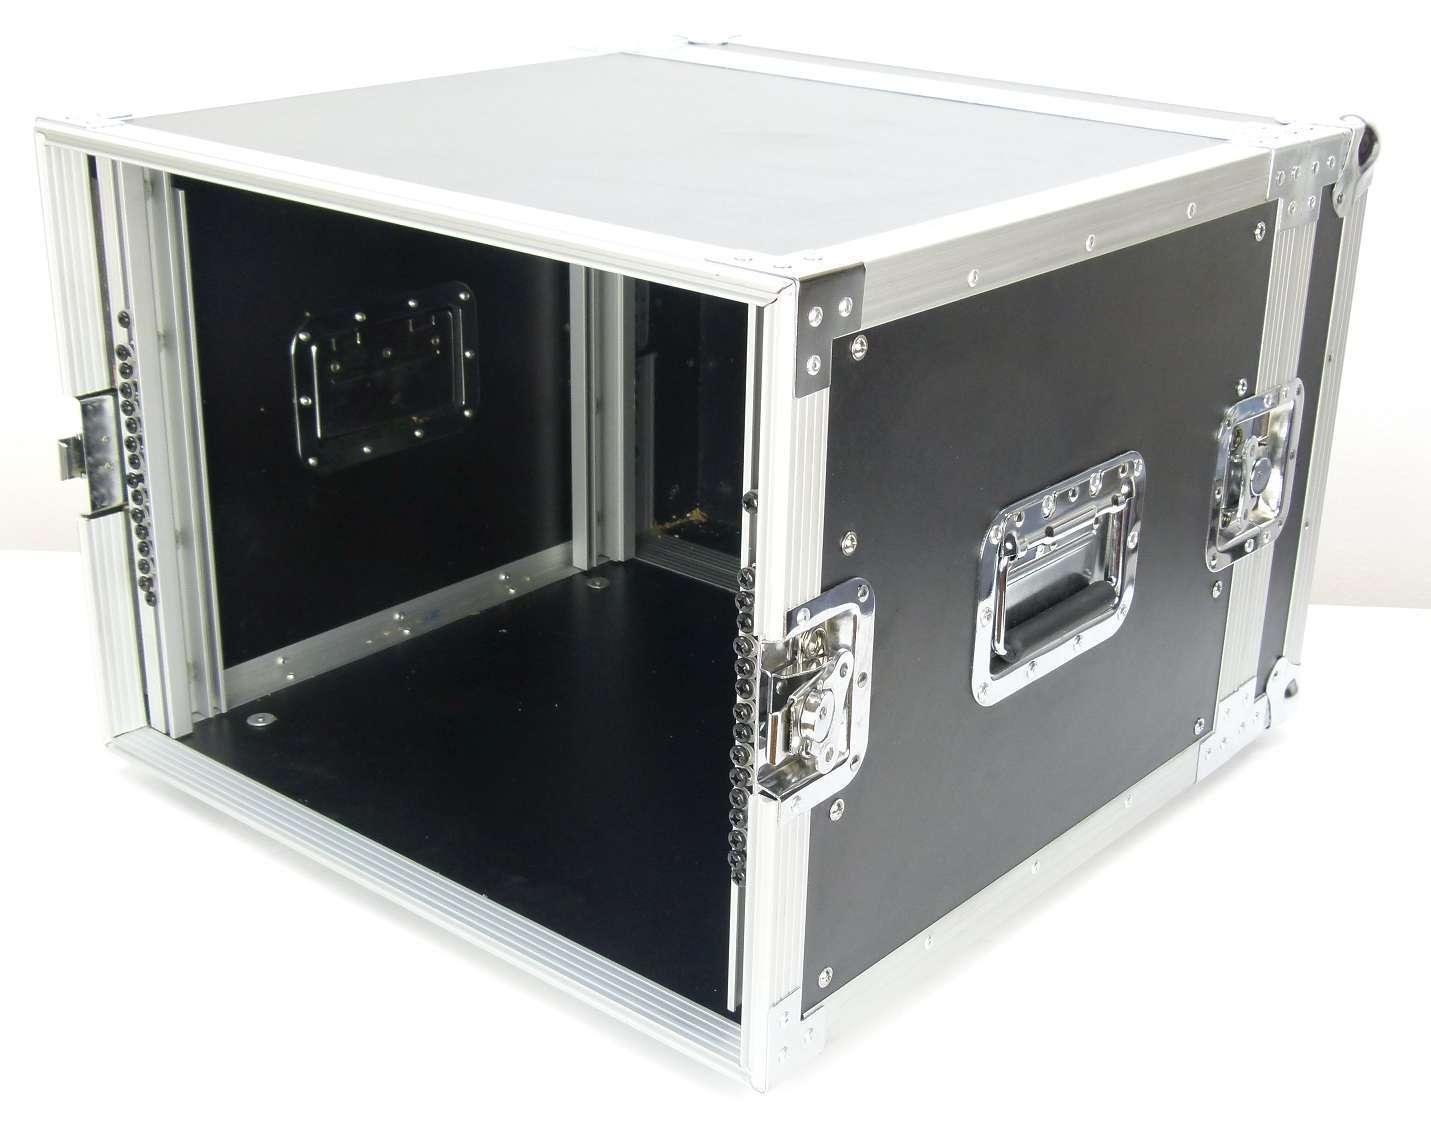 8 HE 19  RODINGER Verstärkerrack Endstufenrack 8HE Amprack 47 cm tief Rack Case